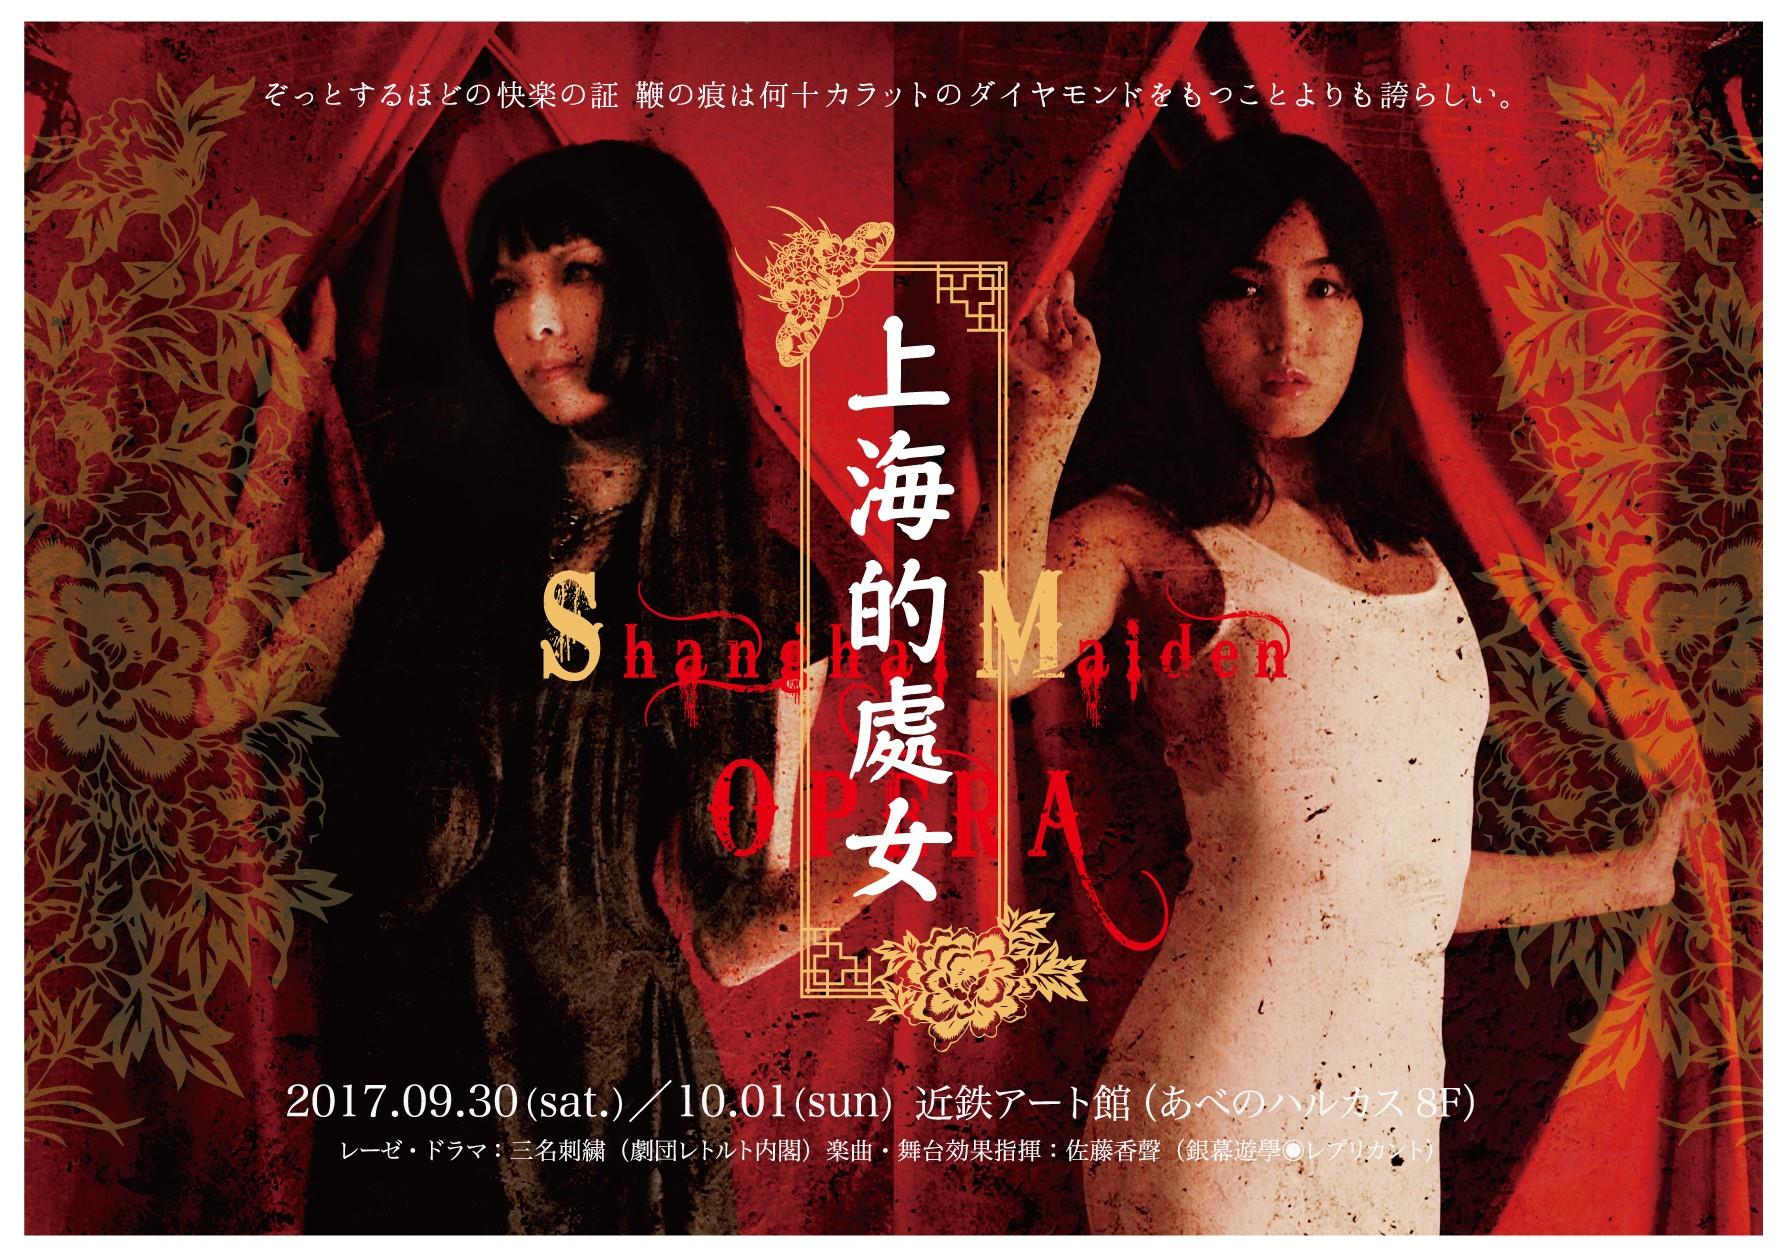 SMオペラ「上海的處女」を公演します!